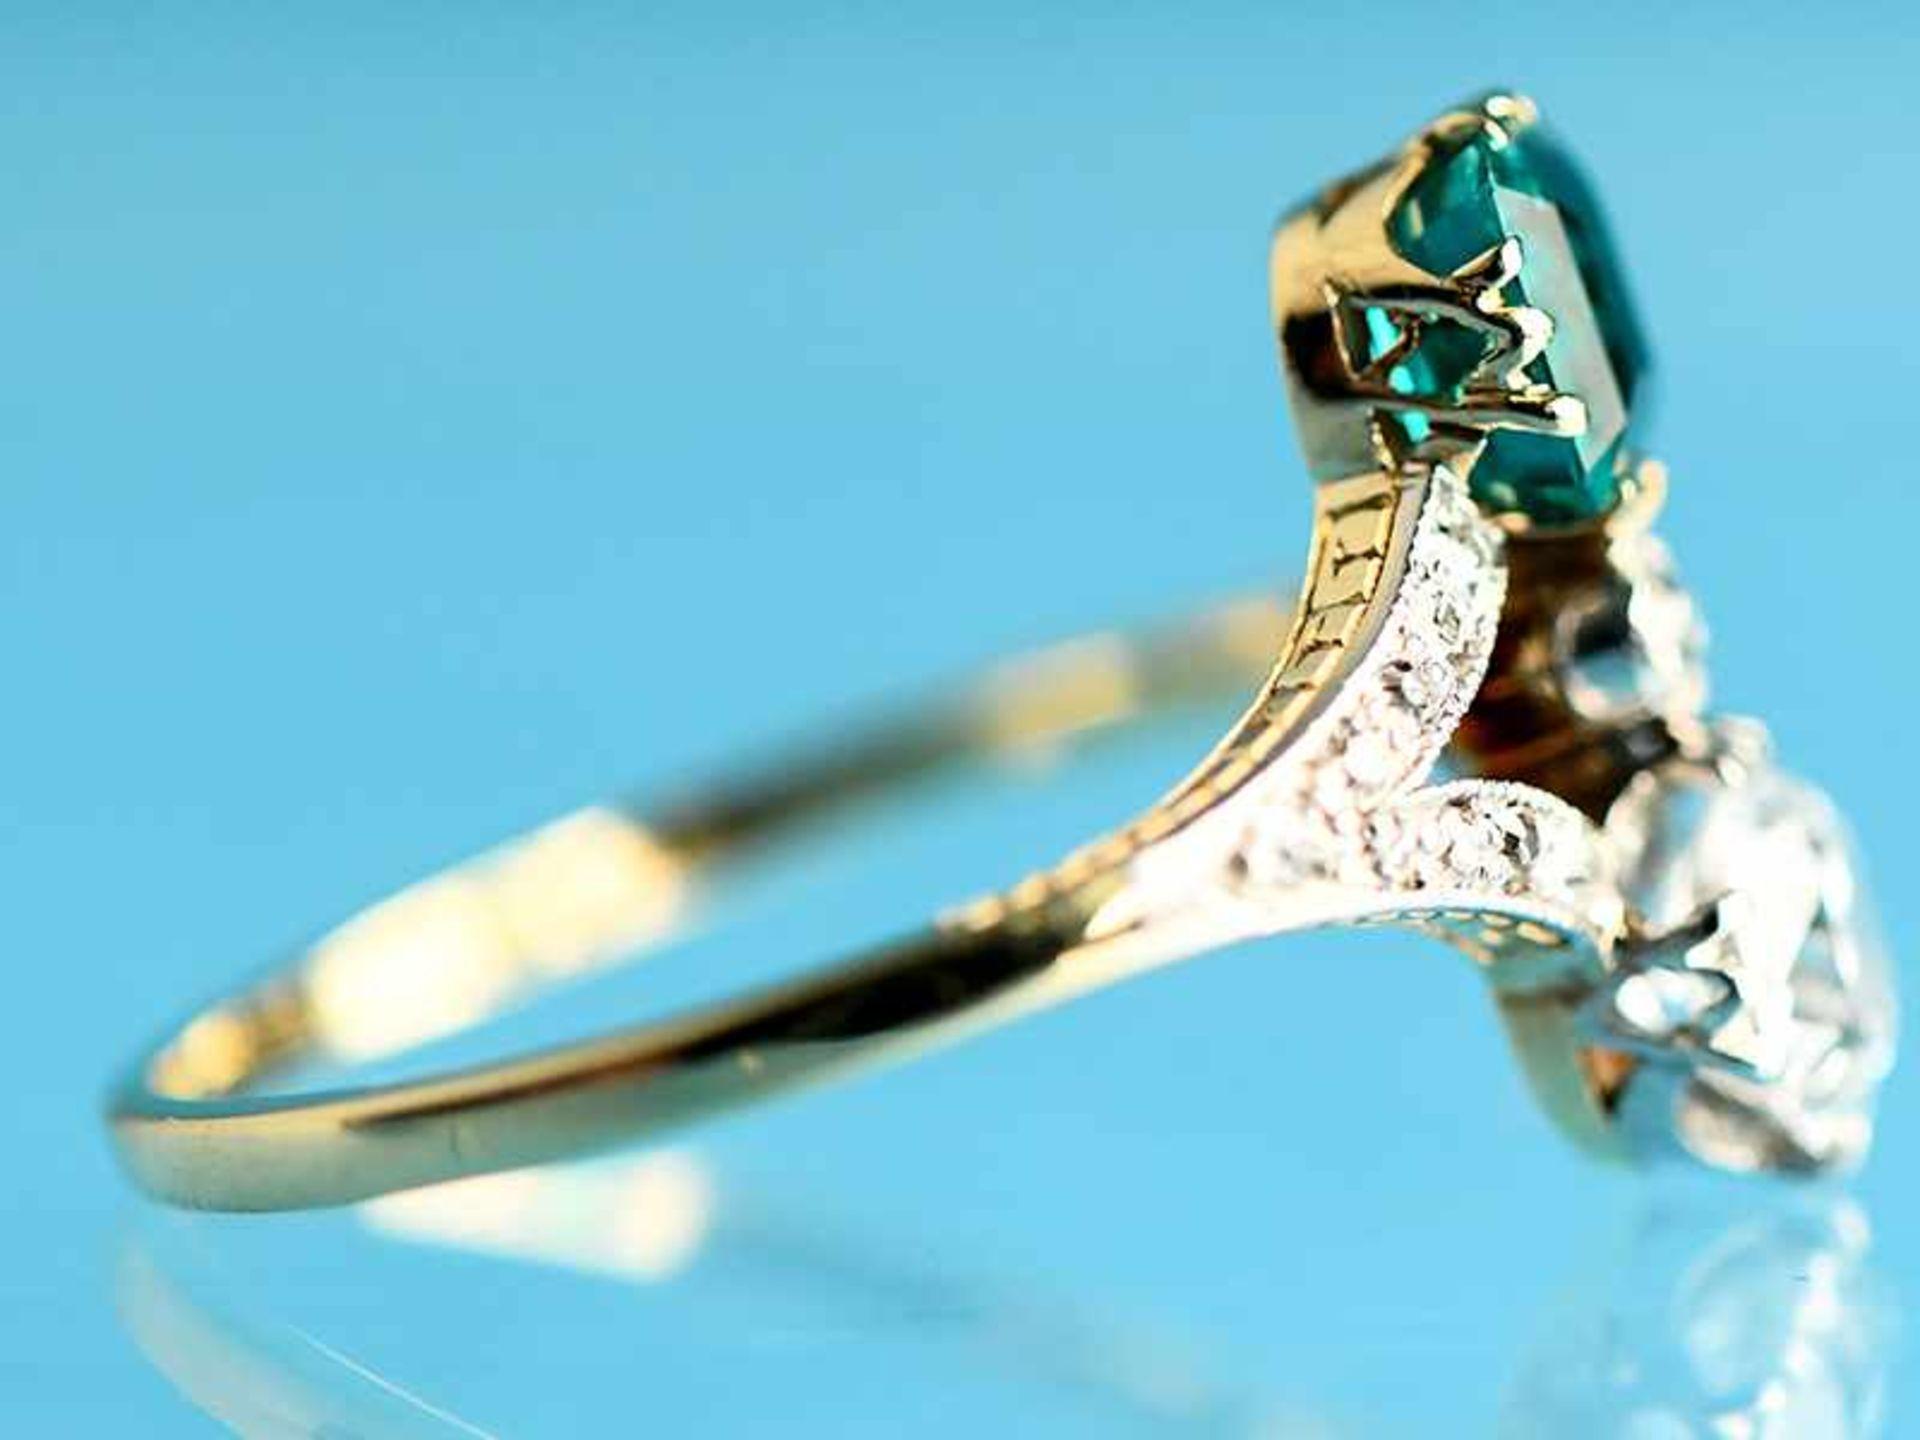 Hochwertiger Art Deco Ring mit Smaragd ca. 0,6 ct, Altschliff-Diamant ca. 0,65 ct und 19 kleinen - Bild 4 aus 9